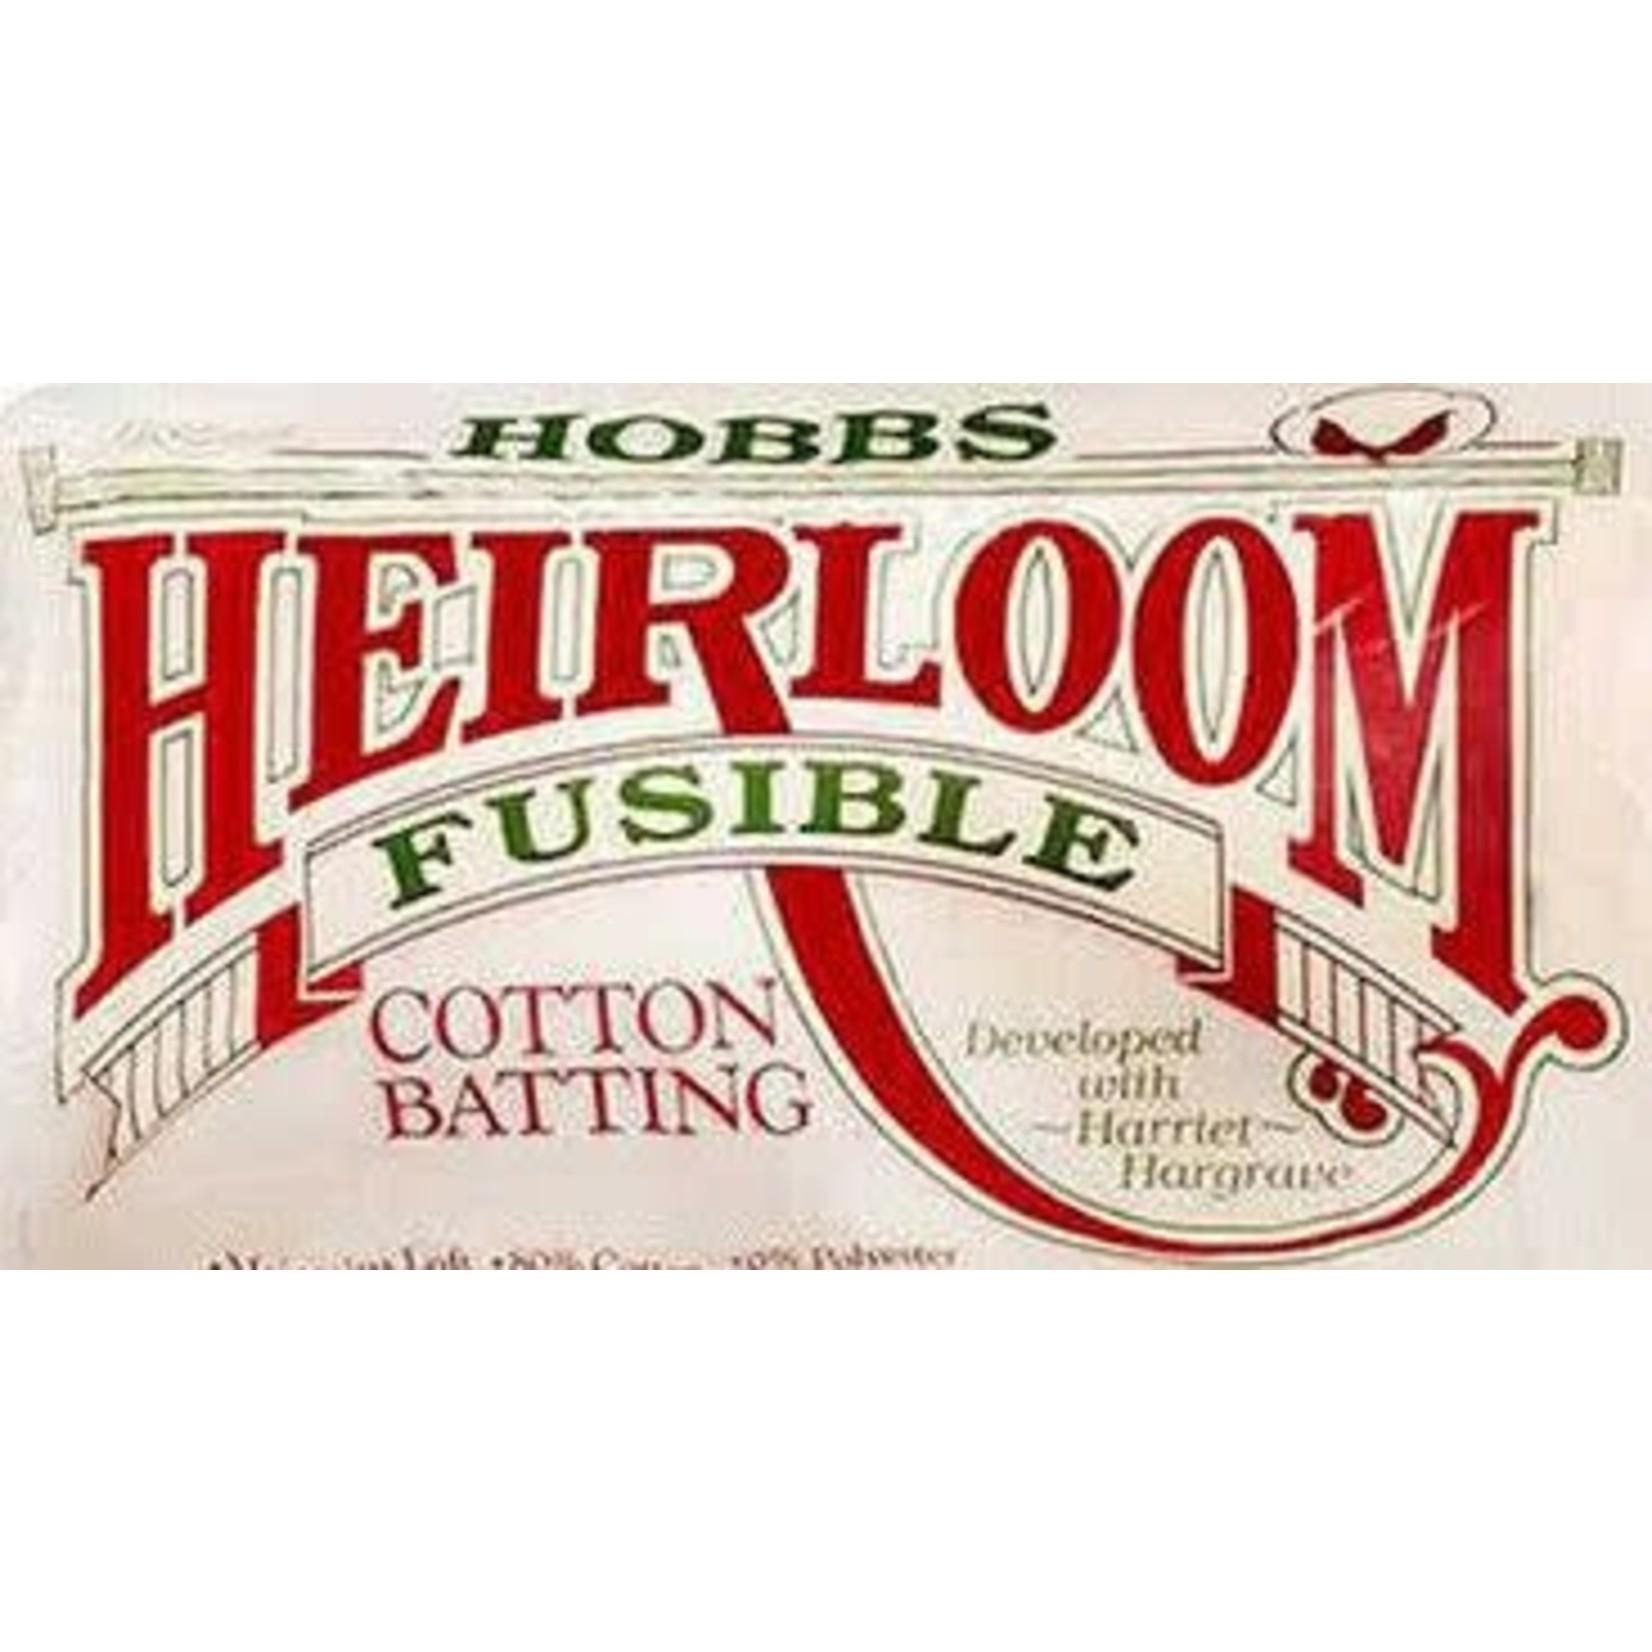 Hobbs Katoen/Polyester - Heirloom 80/20 Fusible - Van de rol (per 10 cm) 240 cm breed